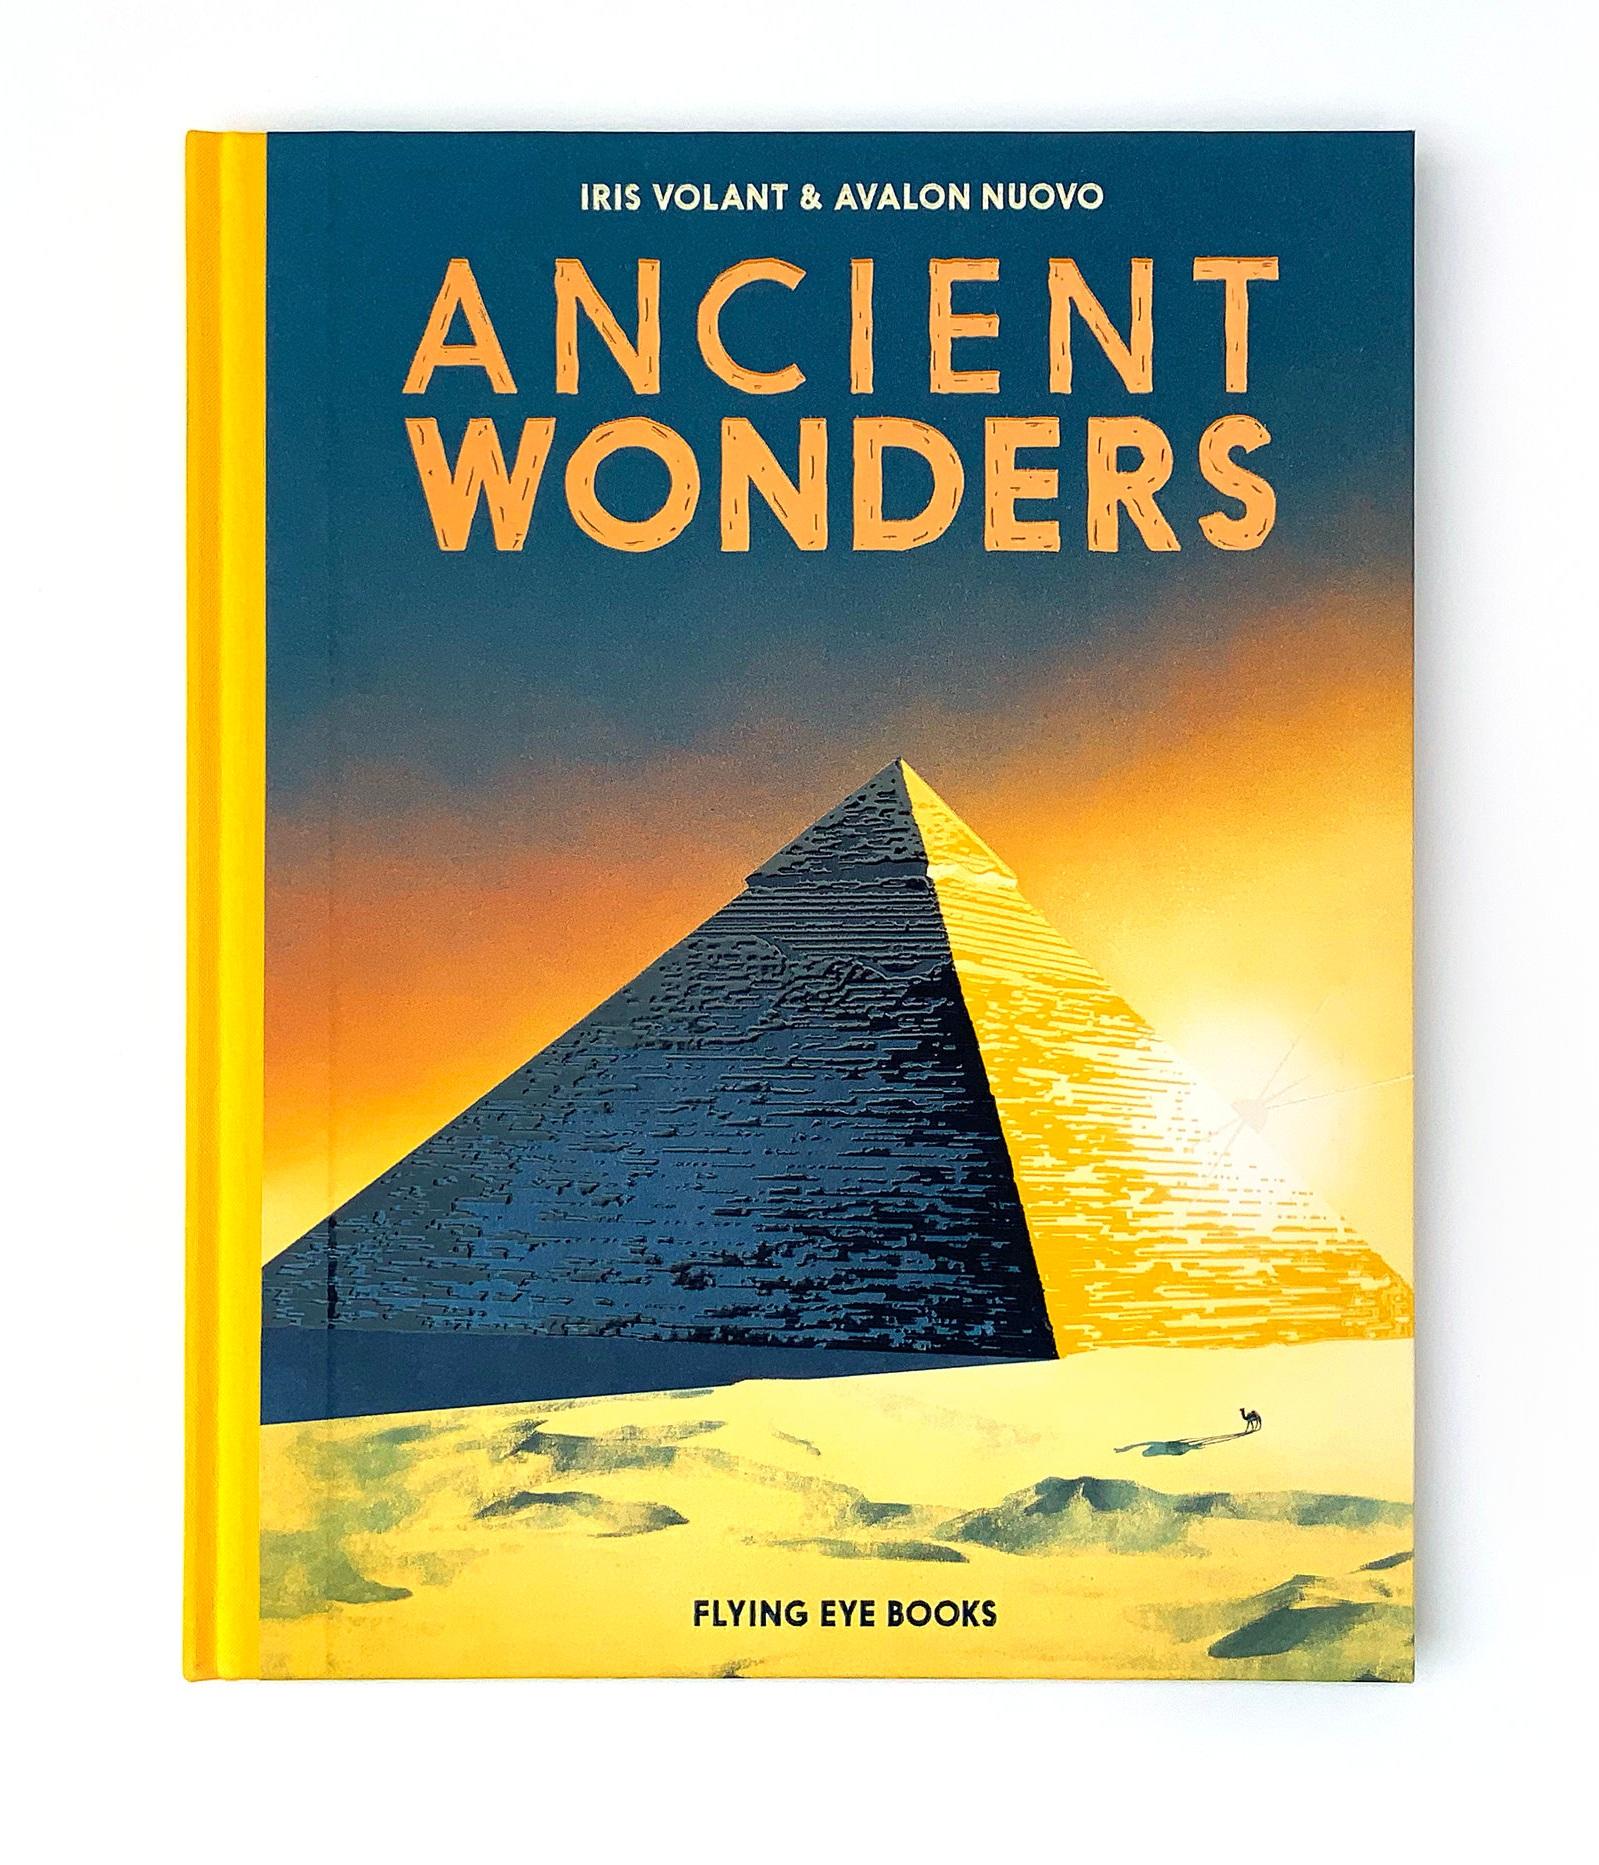 AncientWonders cover1.jpg